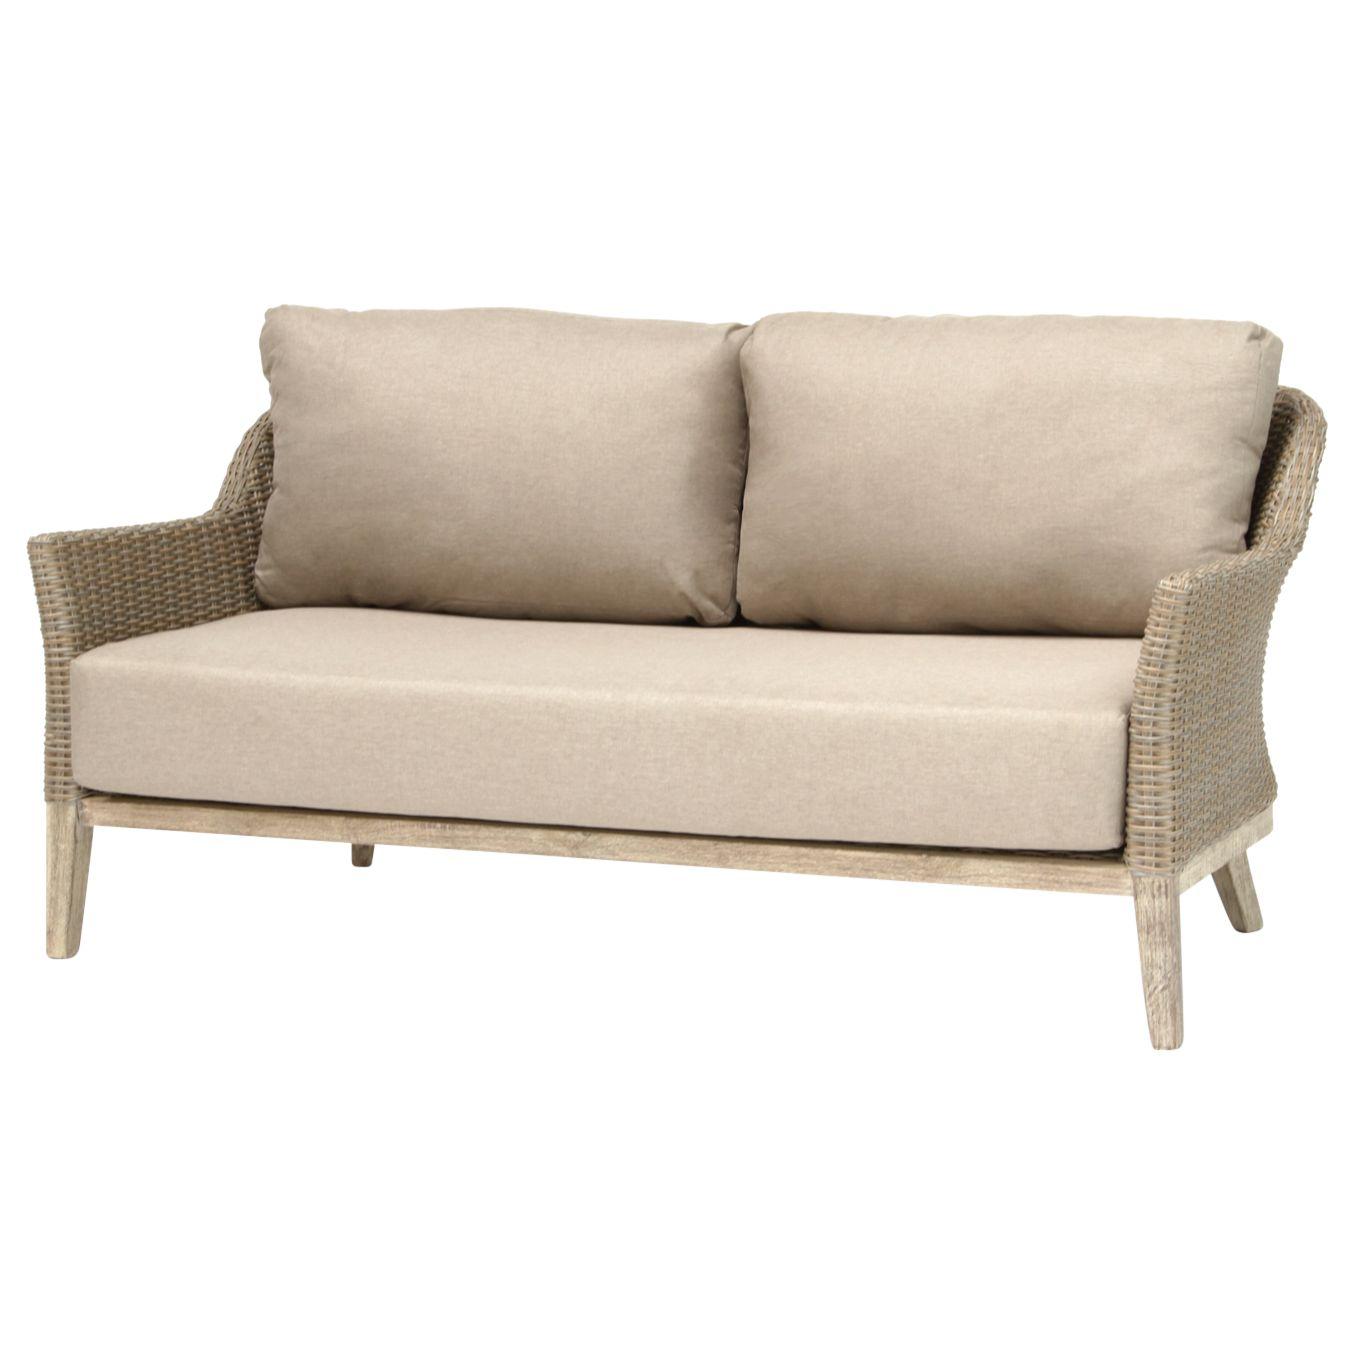 Kettler KETTLER Cora Lounging 3 Seater Sofa, FSC-Certified (Acacia), Smoke White